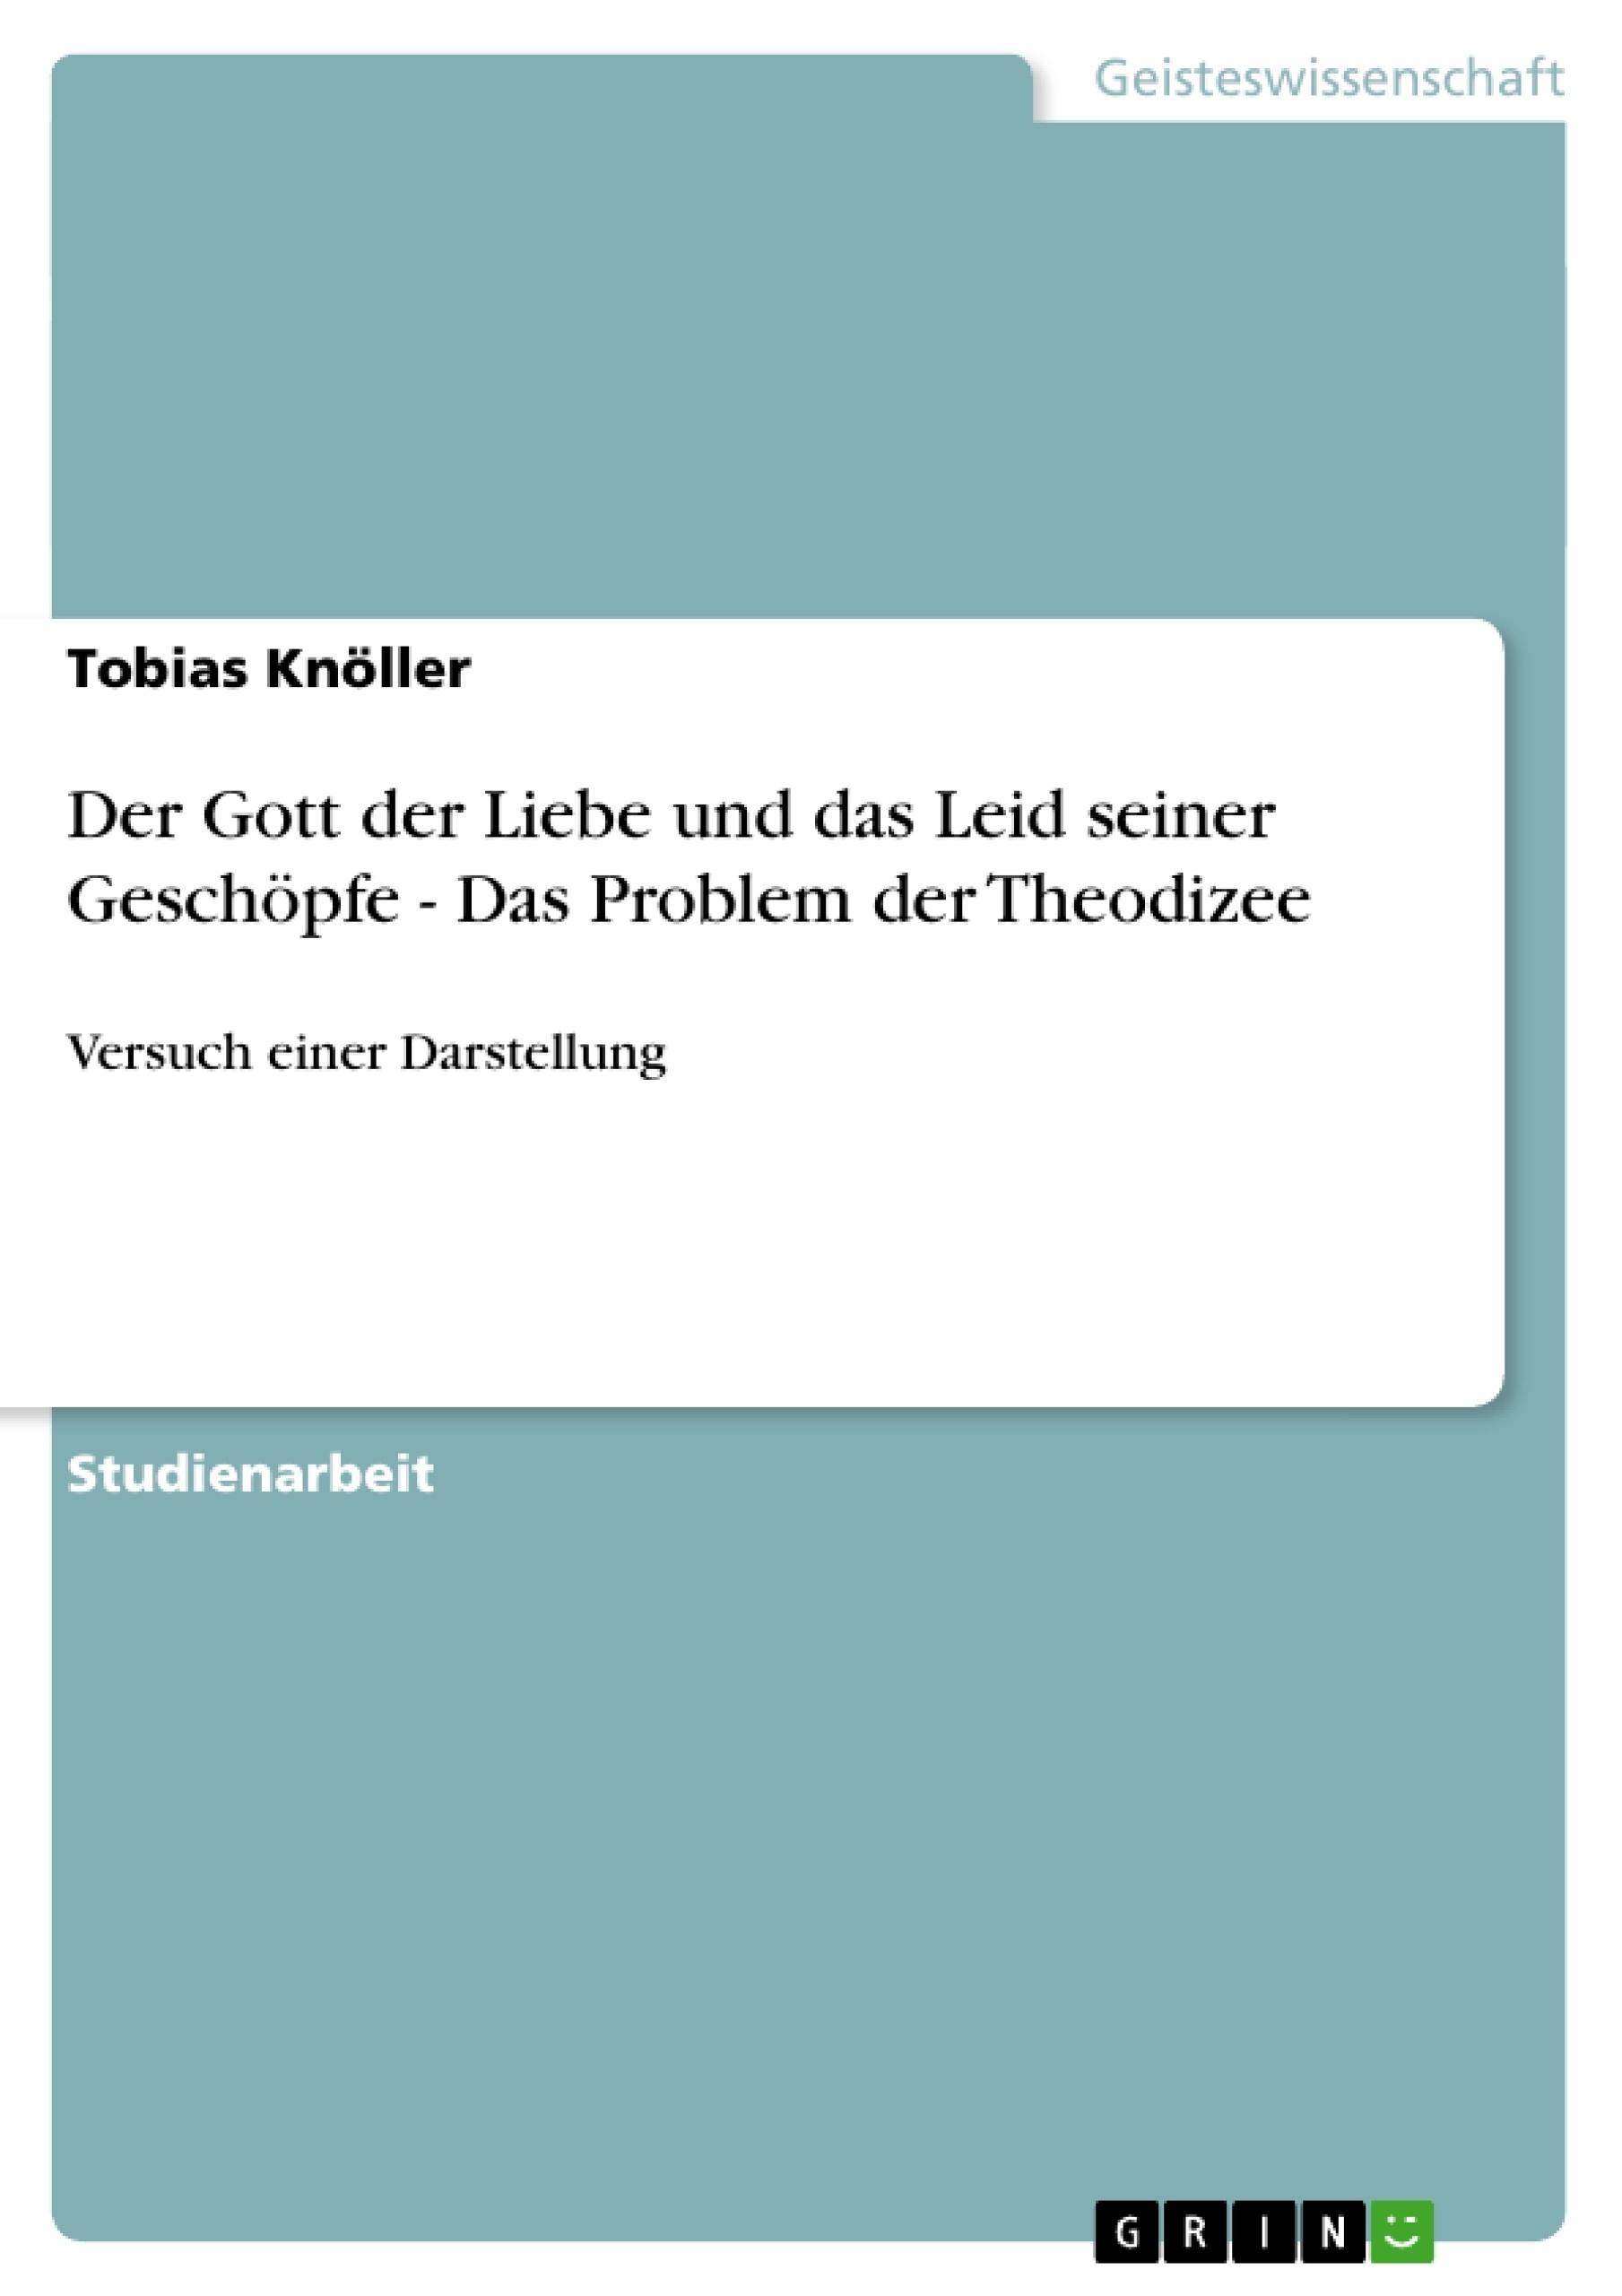 Titel: Der Gott der Liebe und das Leid seiner Geschöpfe  -  Das Problem der Theodizee